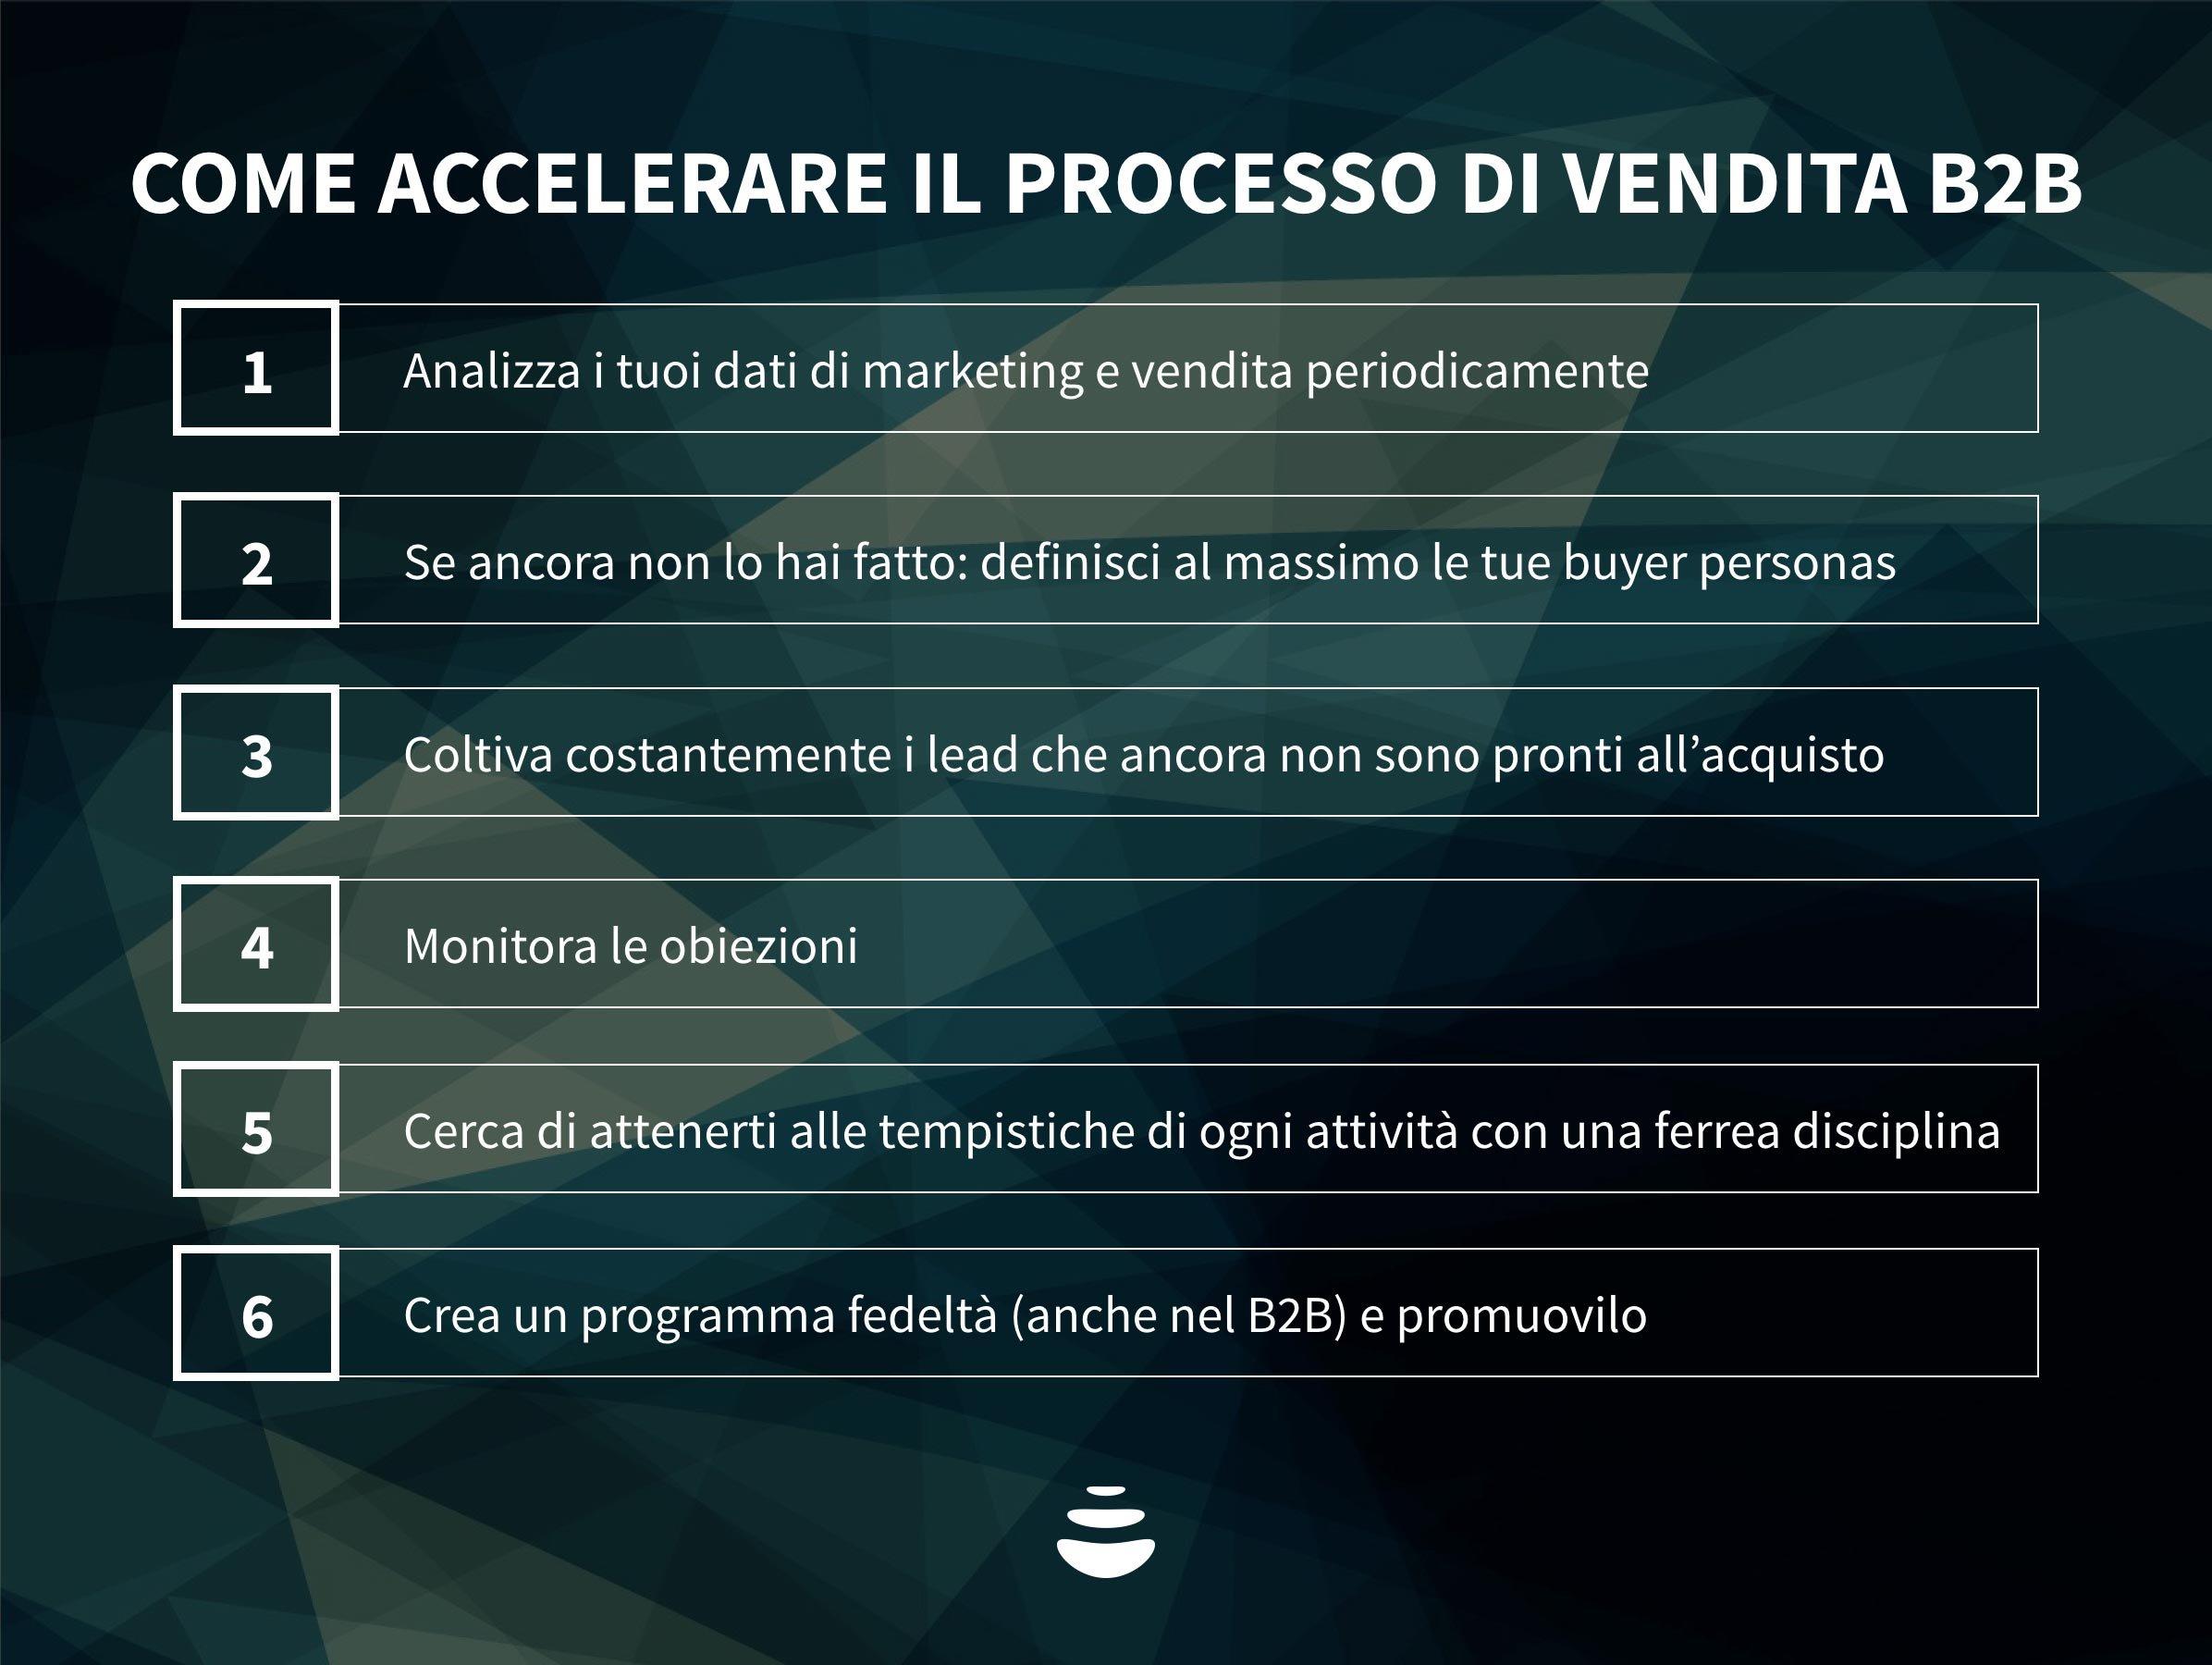 Come accelerare il processo di vendita B2B